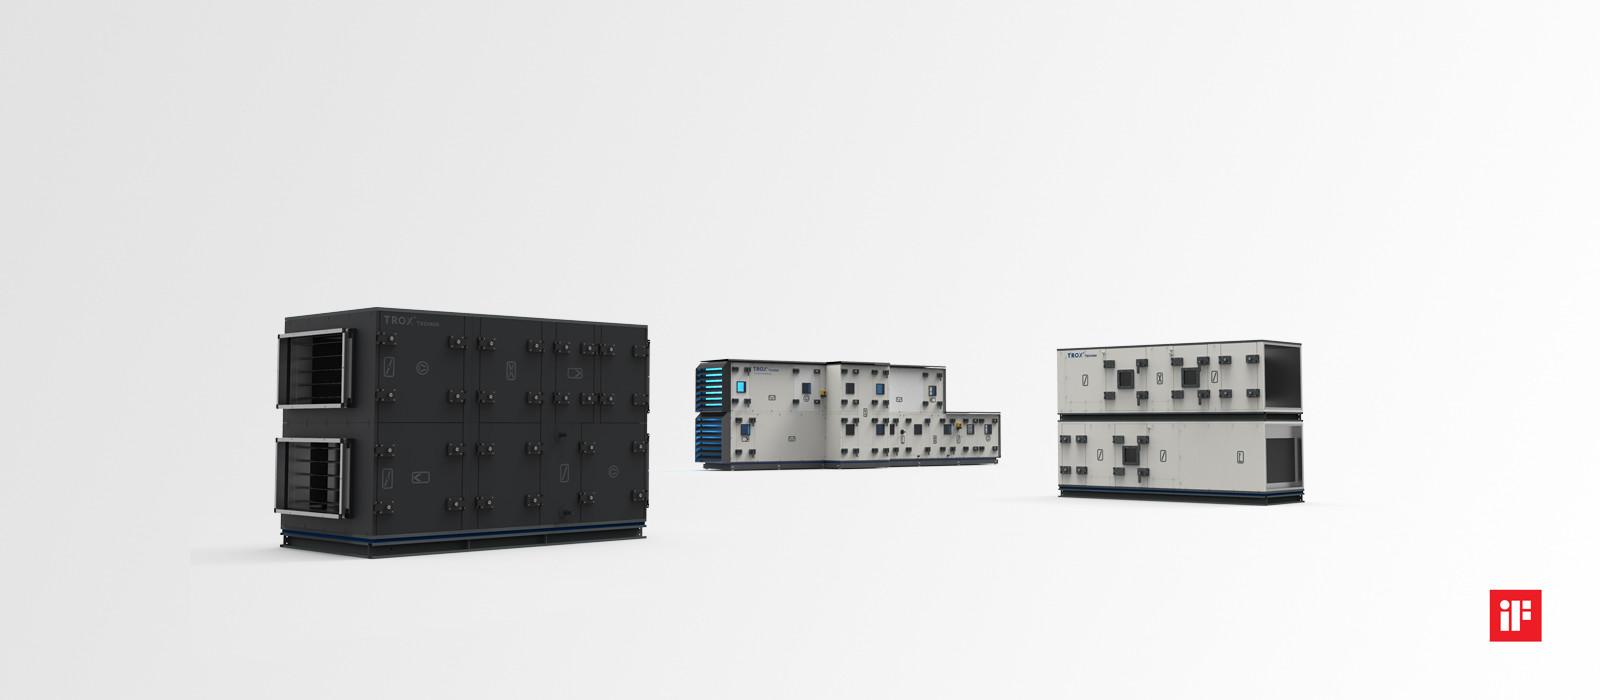 Trox X-Cube